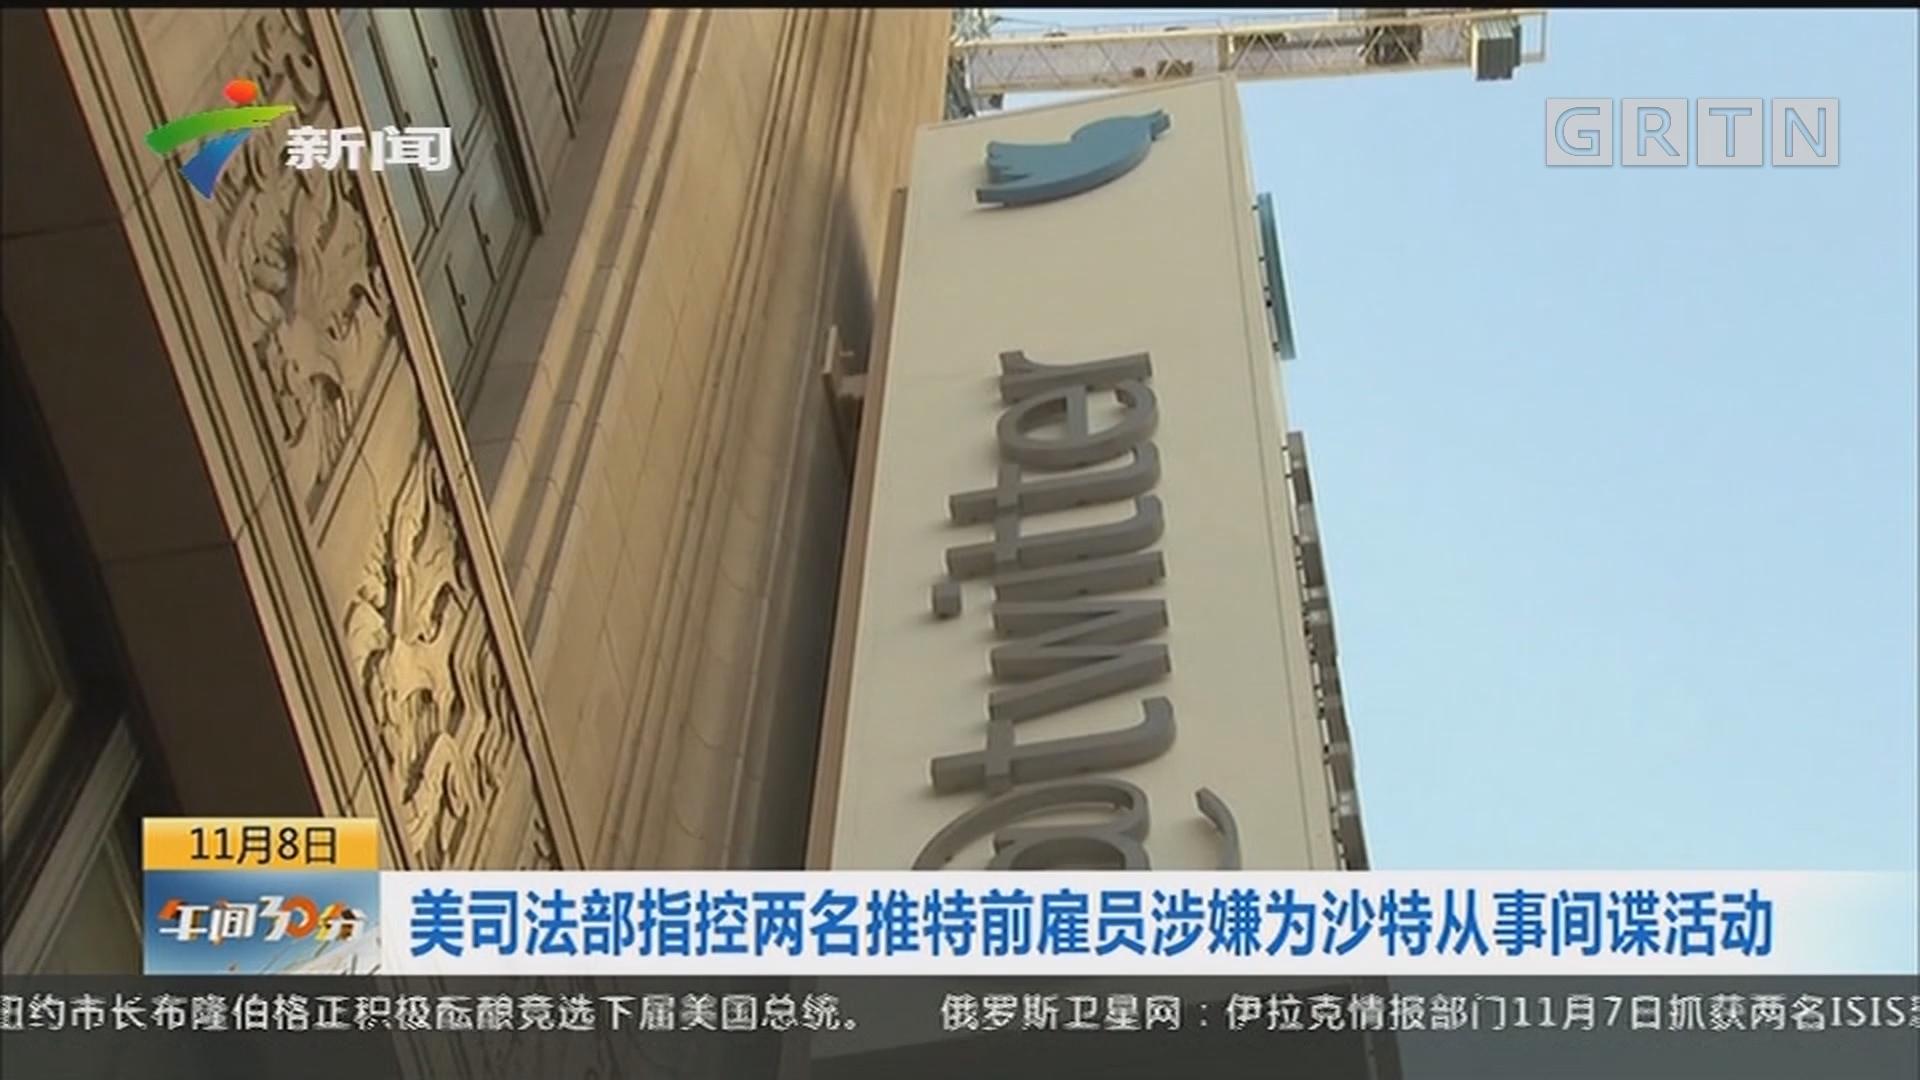 美司法部指控两名推特前雇员涉嫌为沙特从事间谍活动